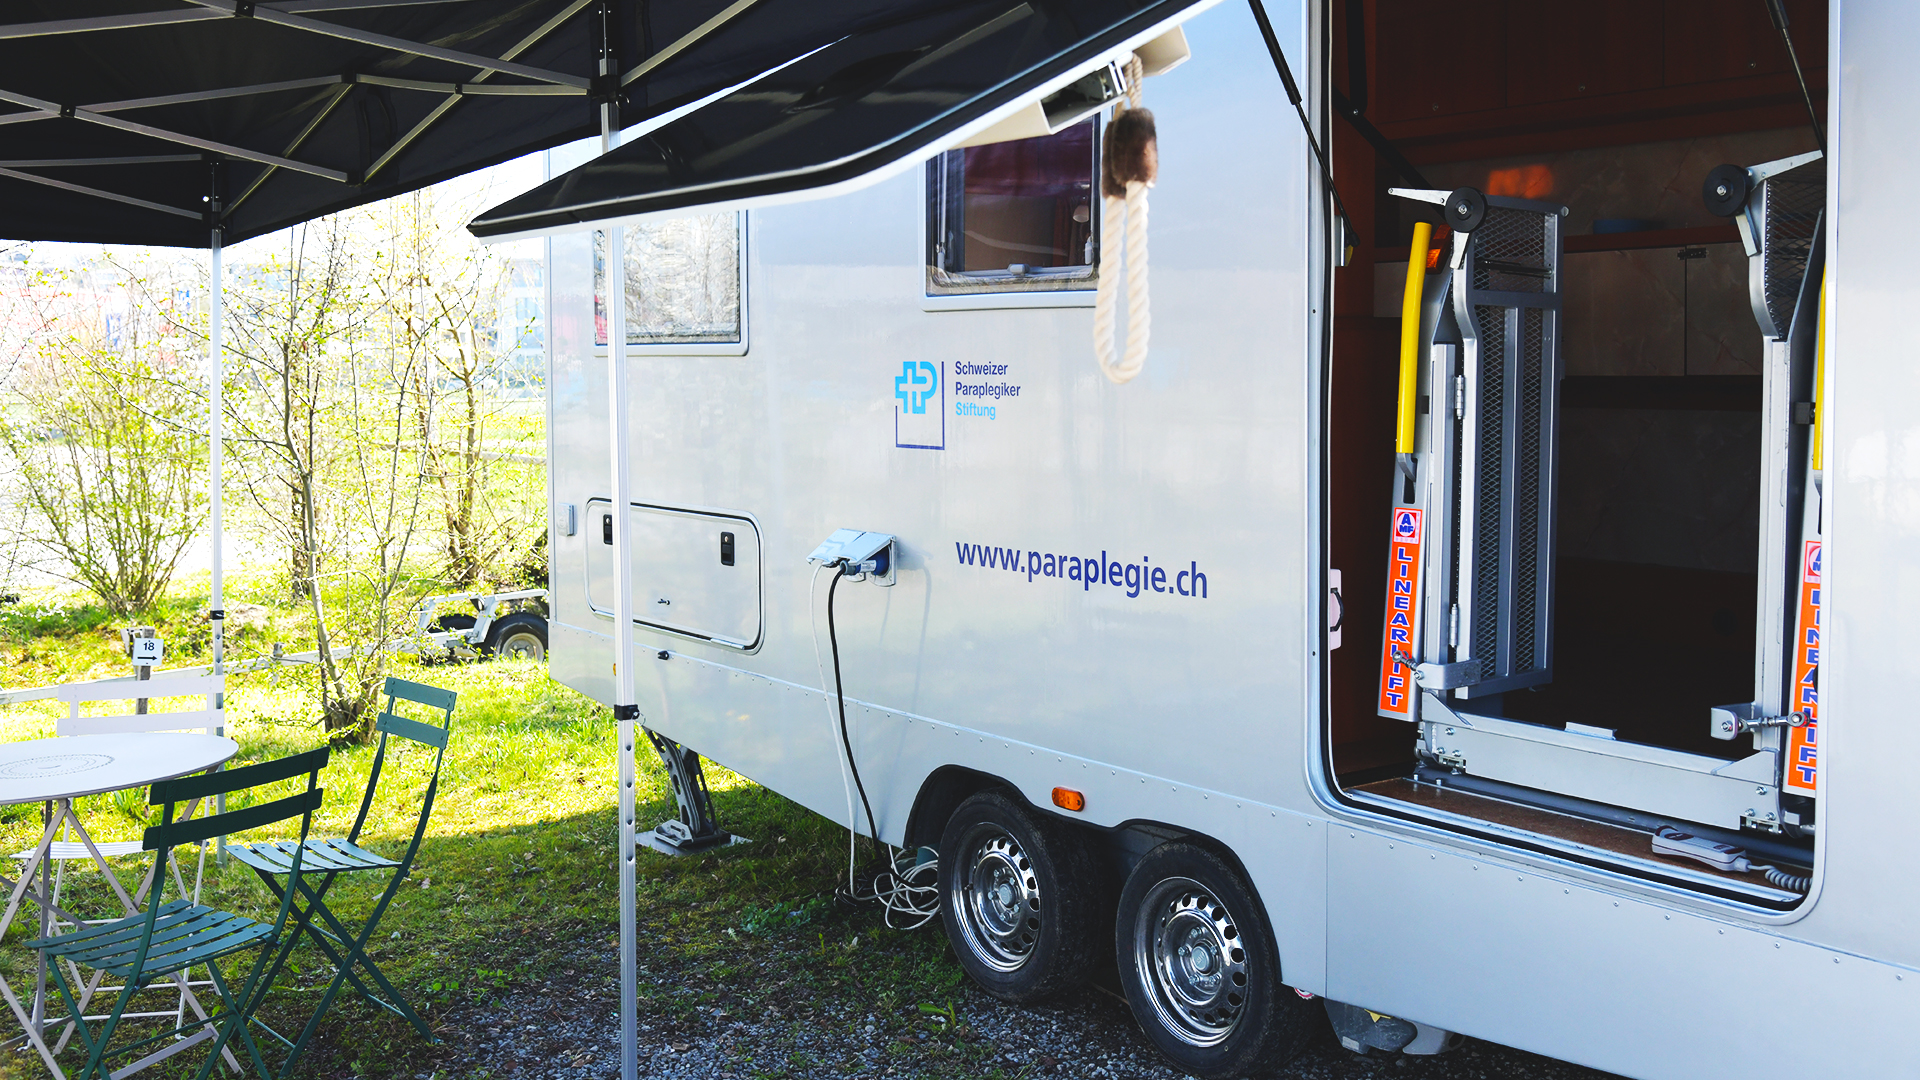 Barrierefreier Wohnwagen der Schweizer Paraplegiker-Stiftung